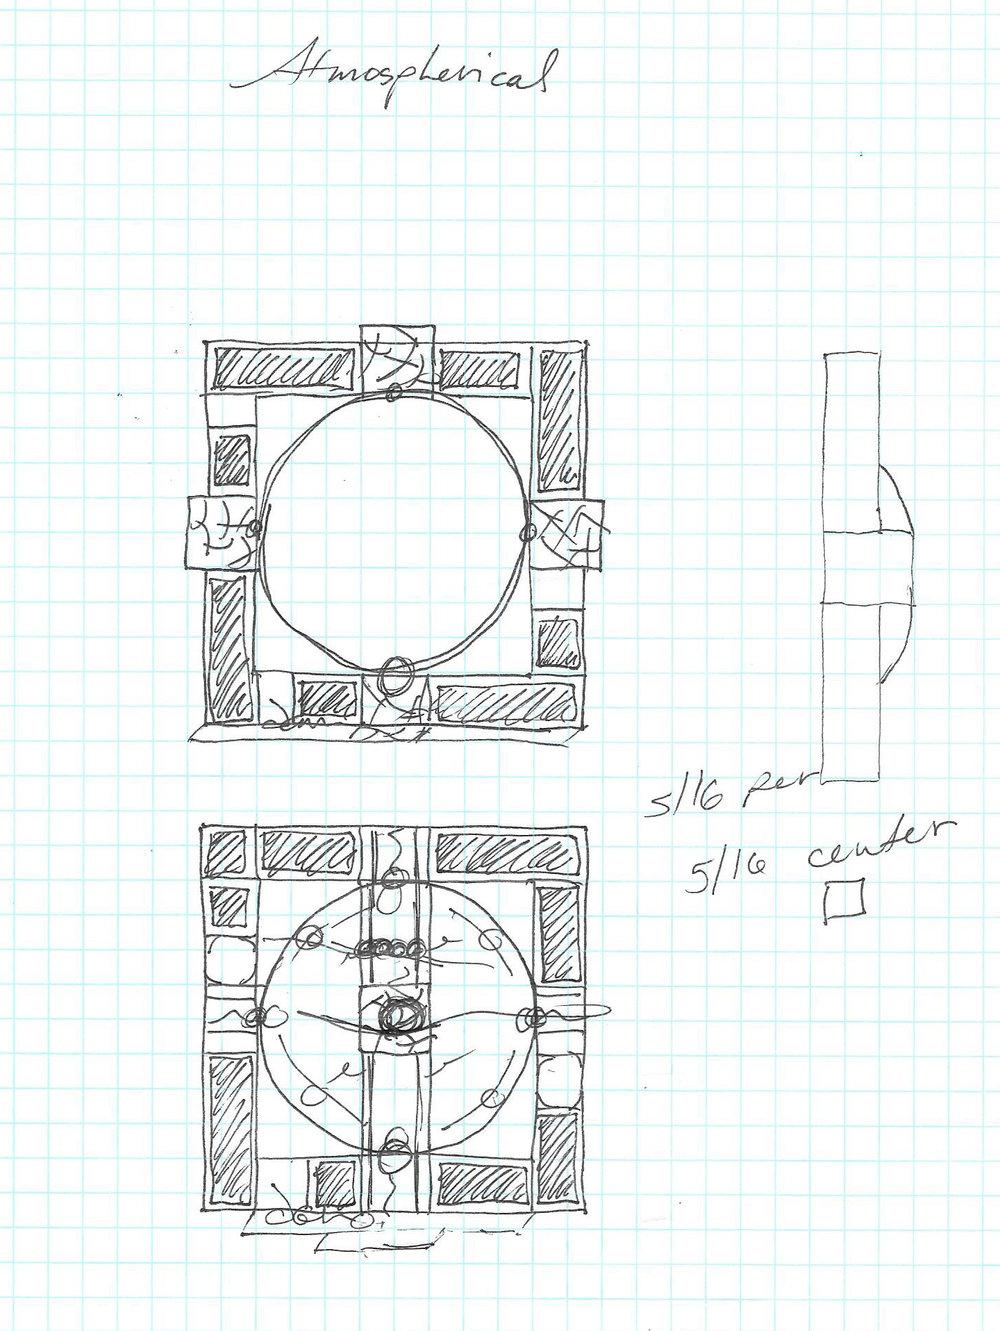 ringsketch3.jpg